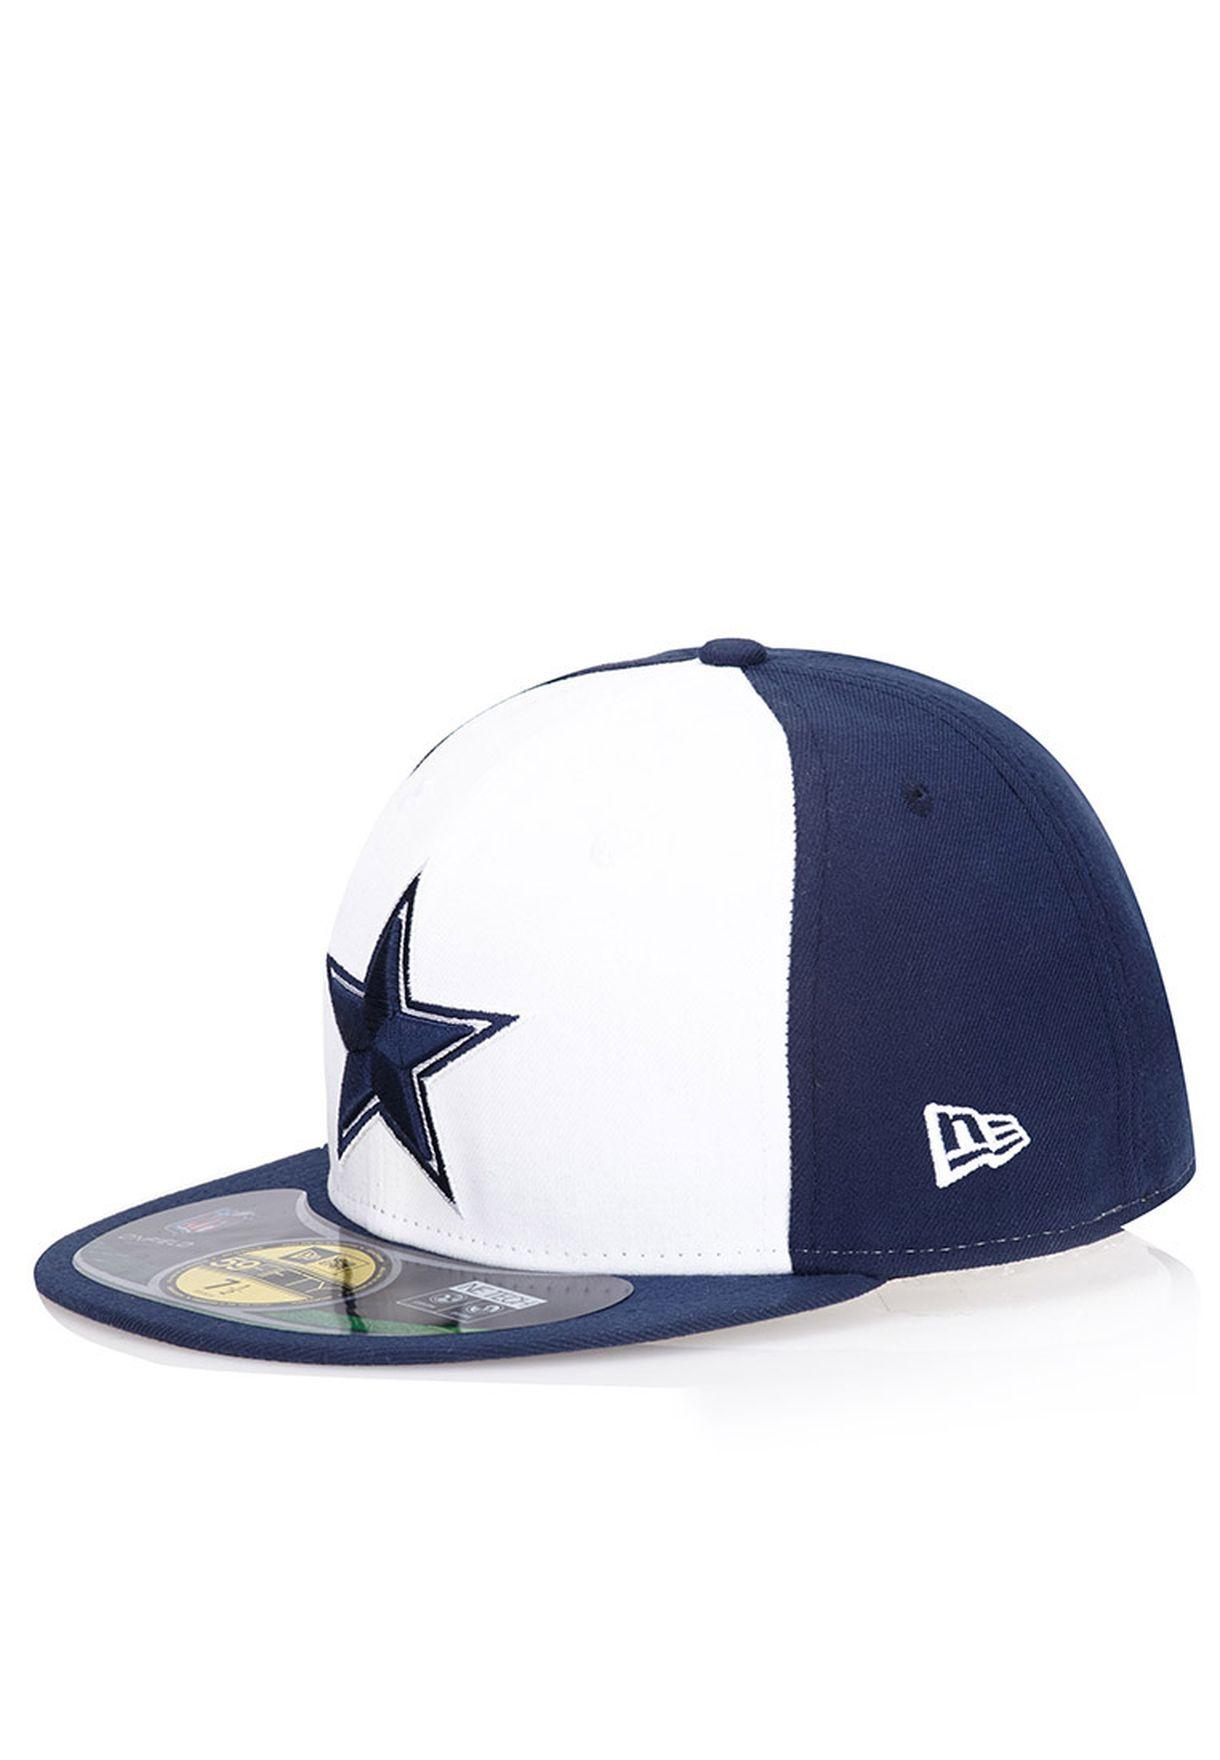 50628fa7 59FIfty Dallas Cowboys Cap